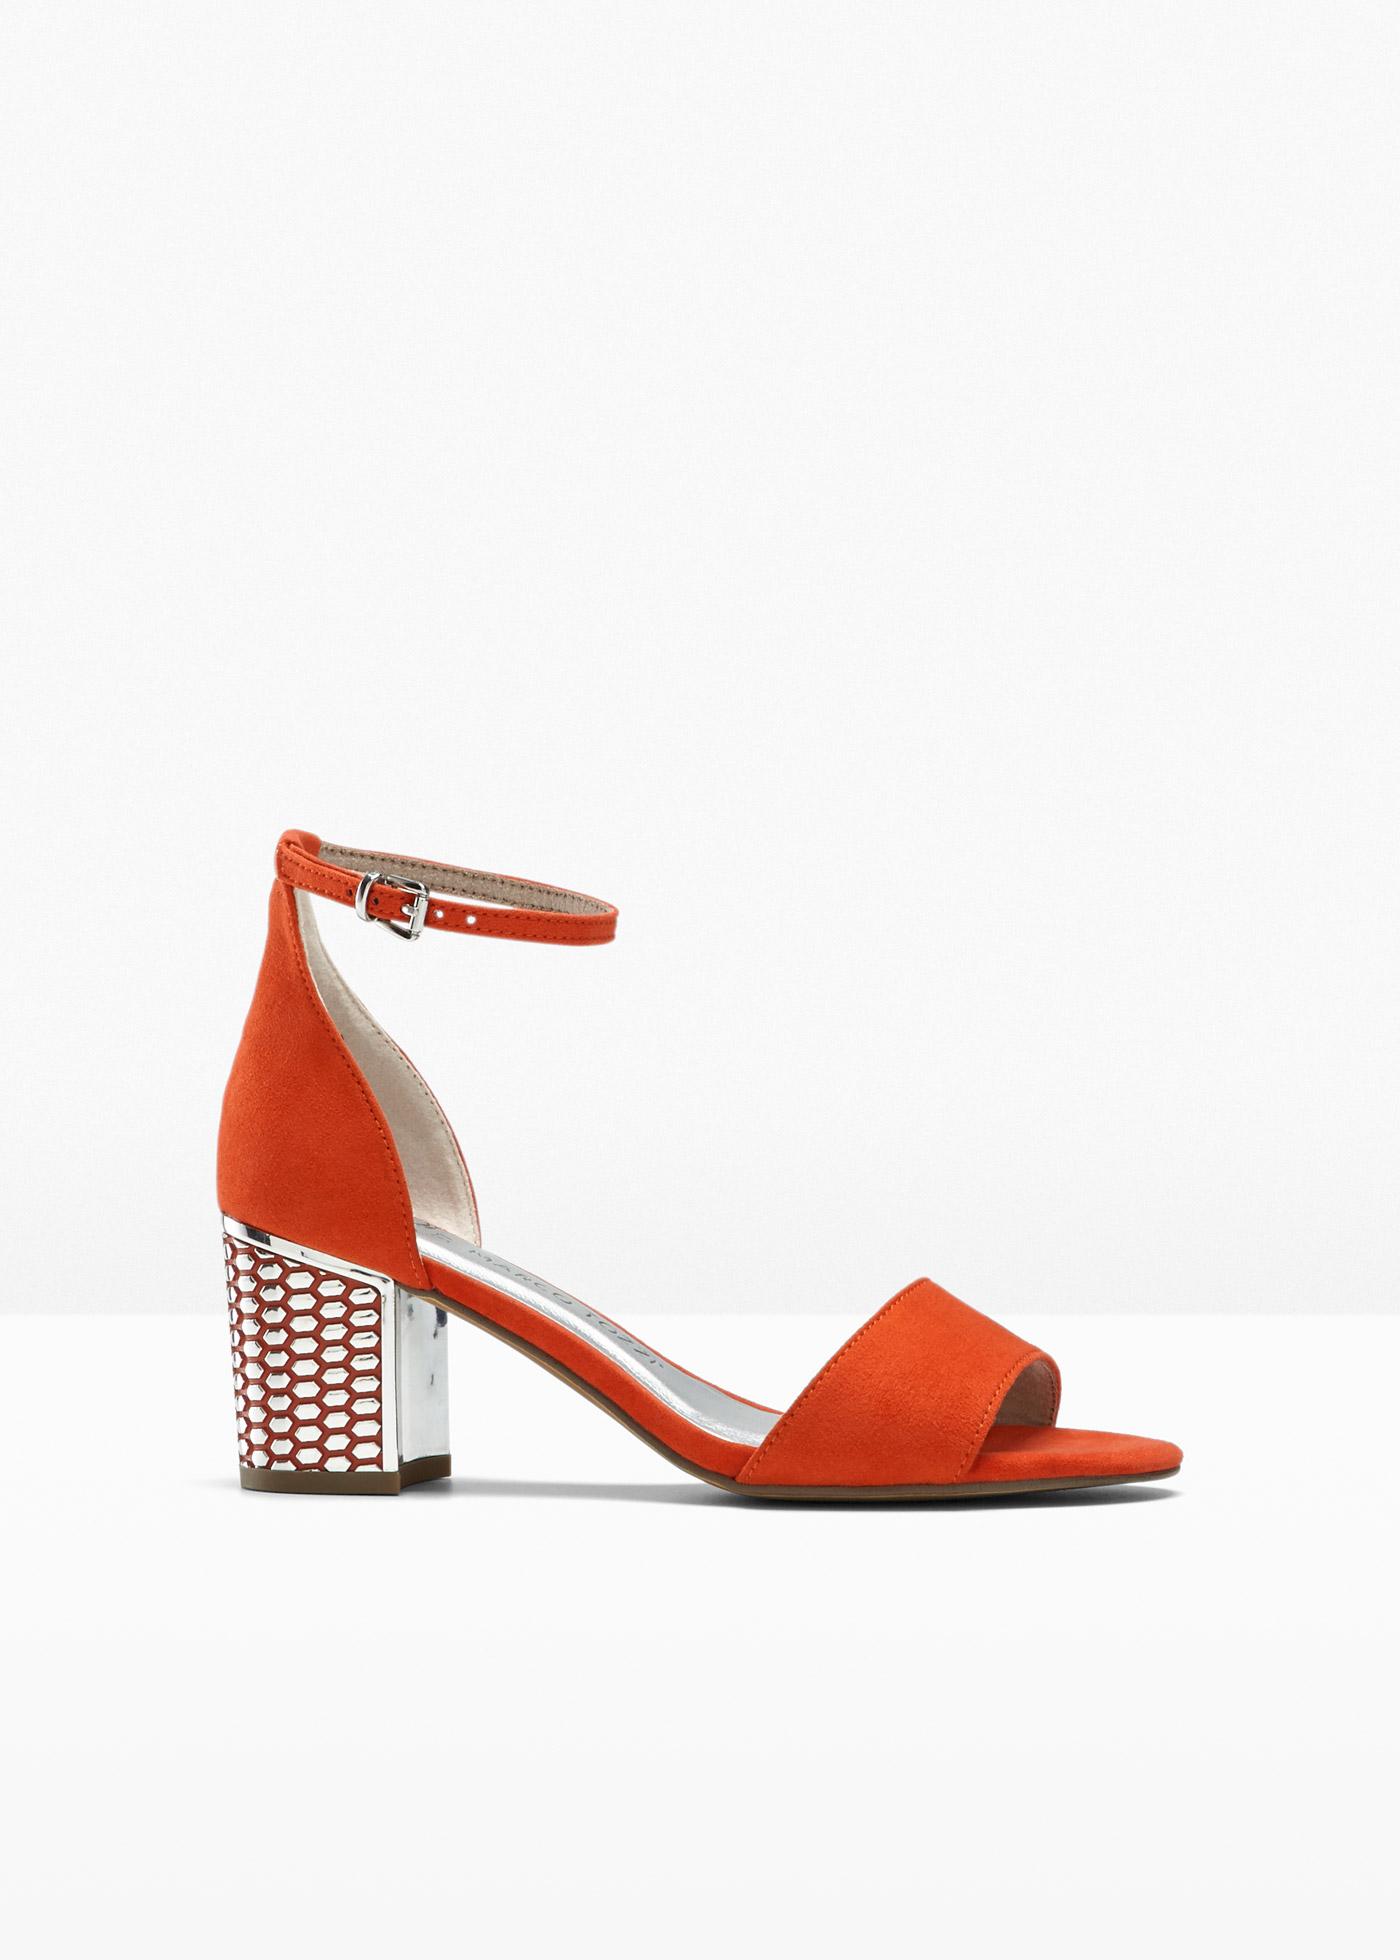 Sandalette von Marco Tozzi mit 6 cm Blockabsatz in orange von bonprix